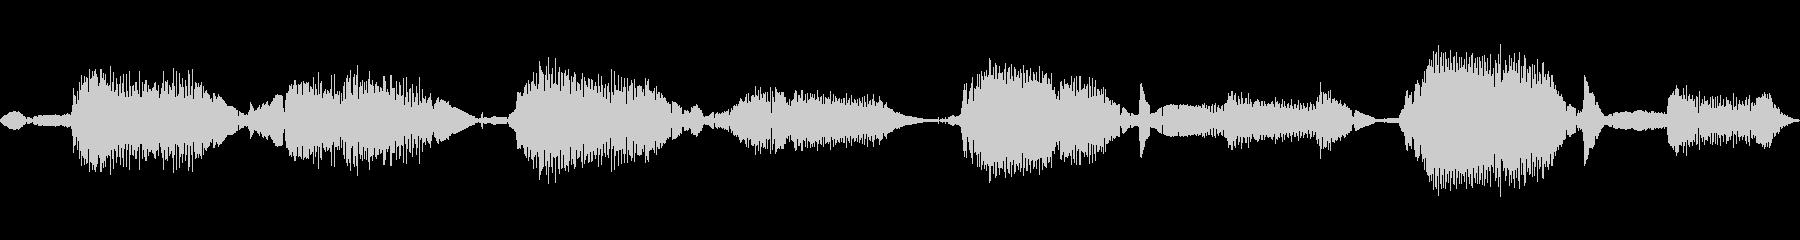 シンセが生成したループ。 Synt...の未再生の波形